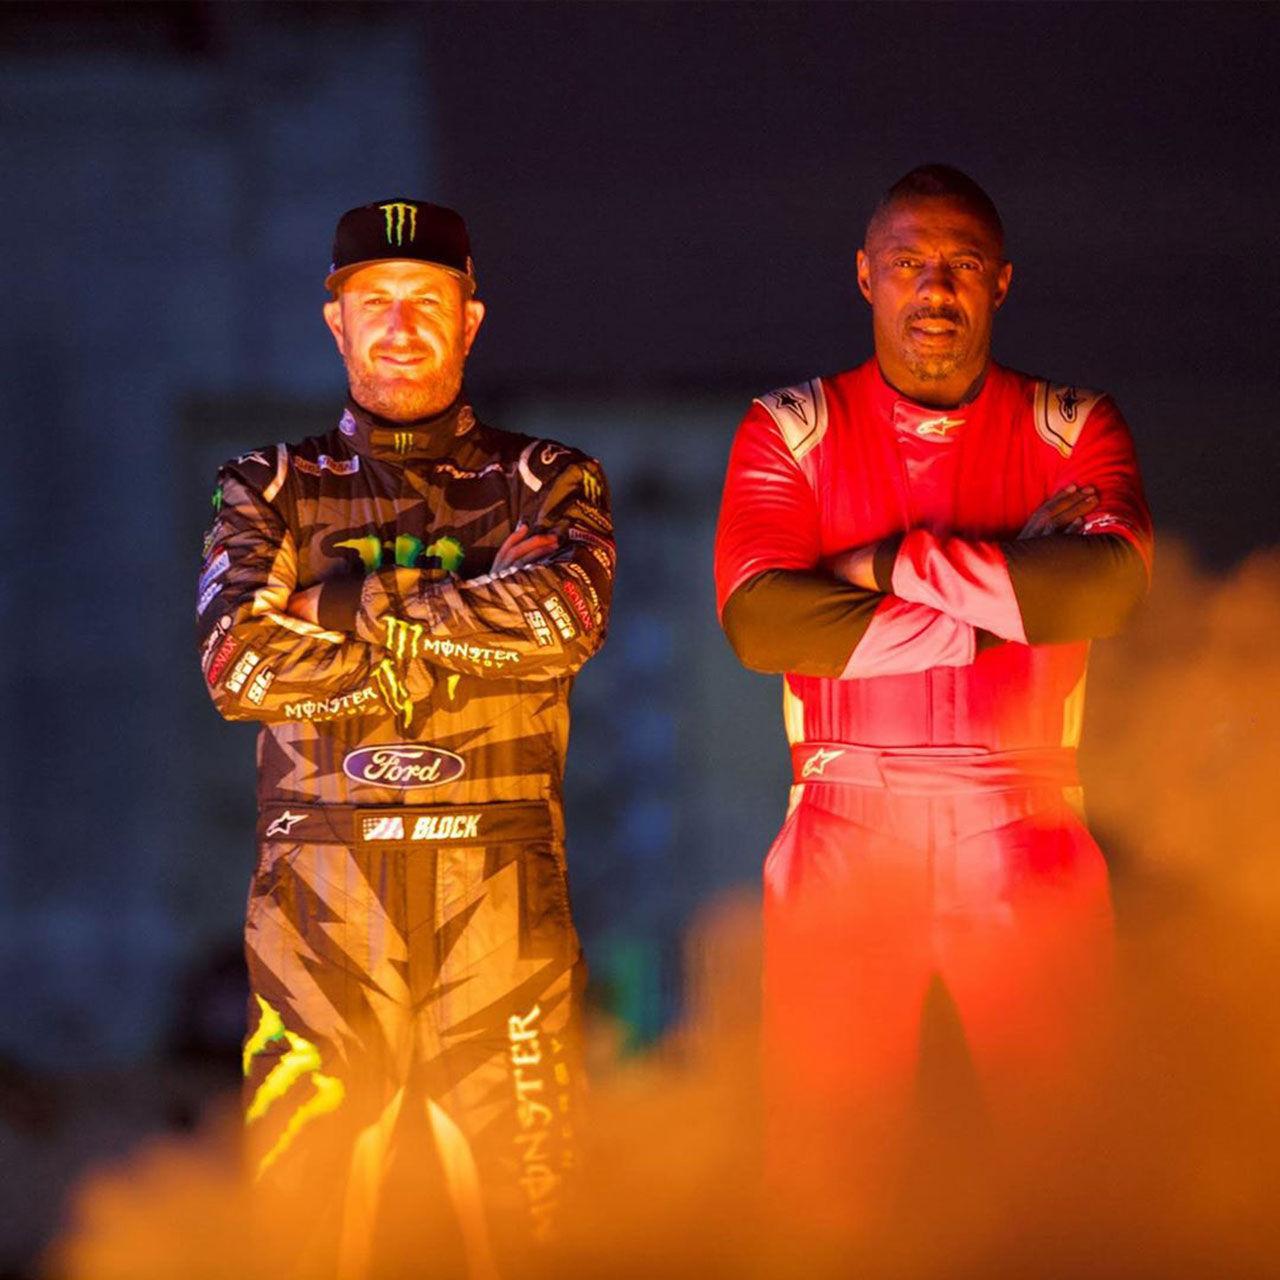 Ken Block och Idris Elba gör bilprogram ihop